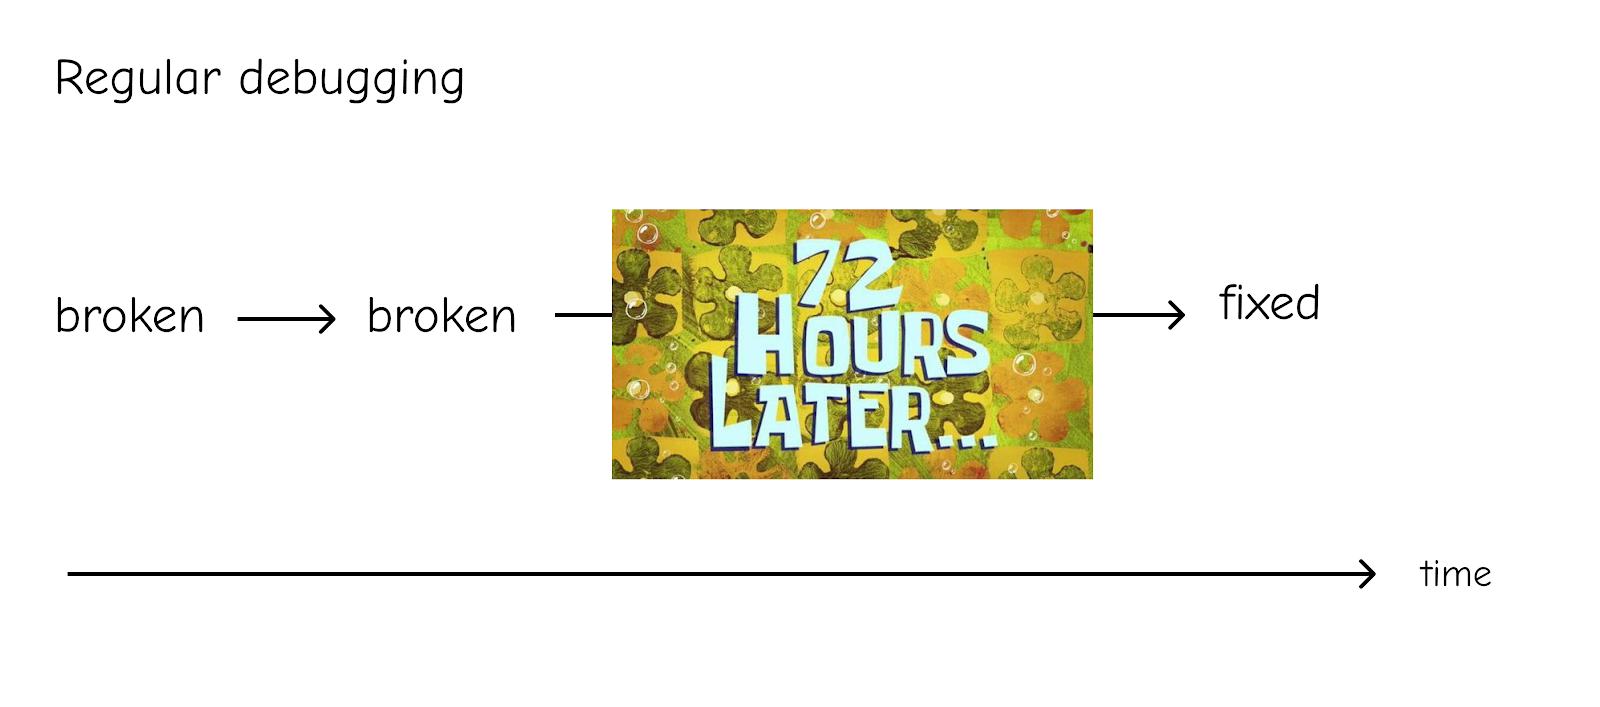 Illustration of debugging timeline, going from broken to fixes via spongebog meme image of '72 hours later'